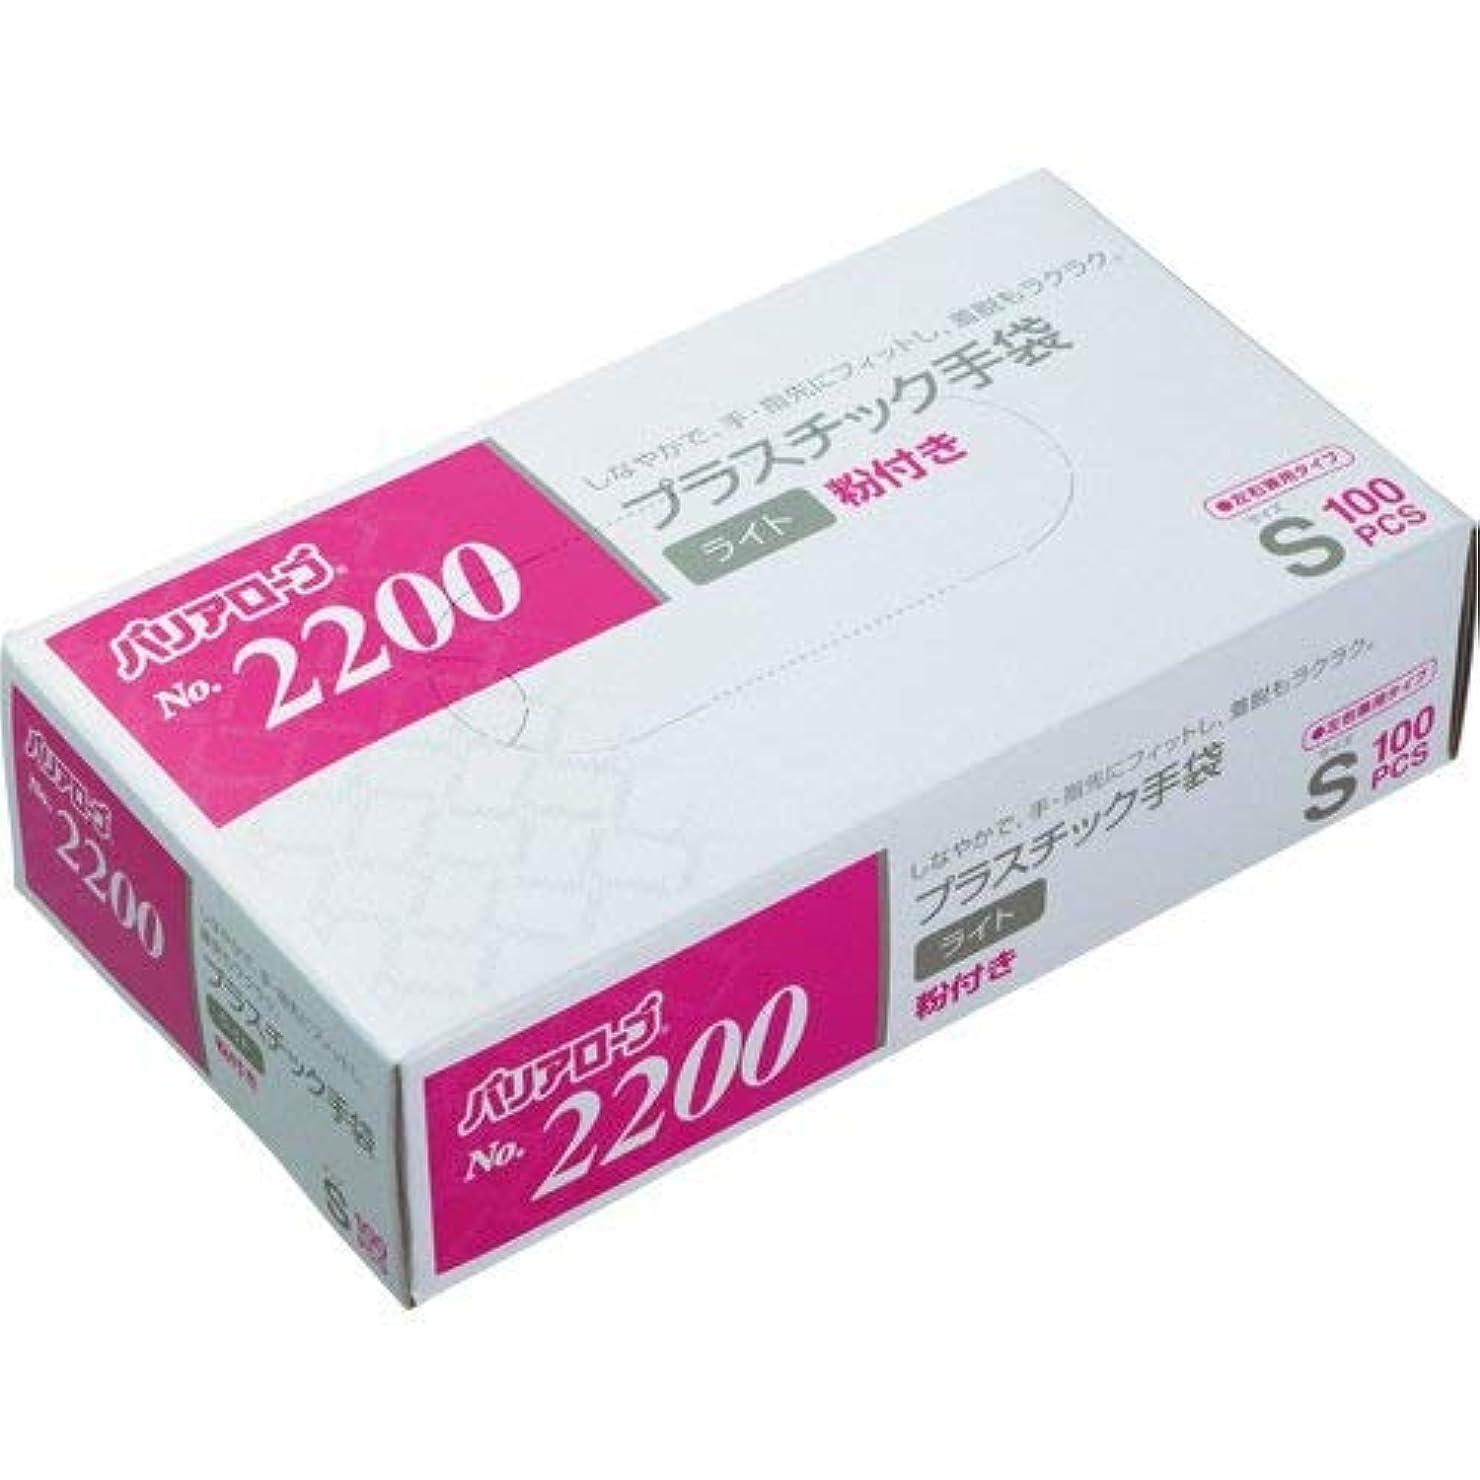 笑い午後通信する【ケース販売】 バリアローブ №2200 プラスチック手袋 ライト (粉付き) S 2000枚(100枚×20箱)